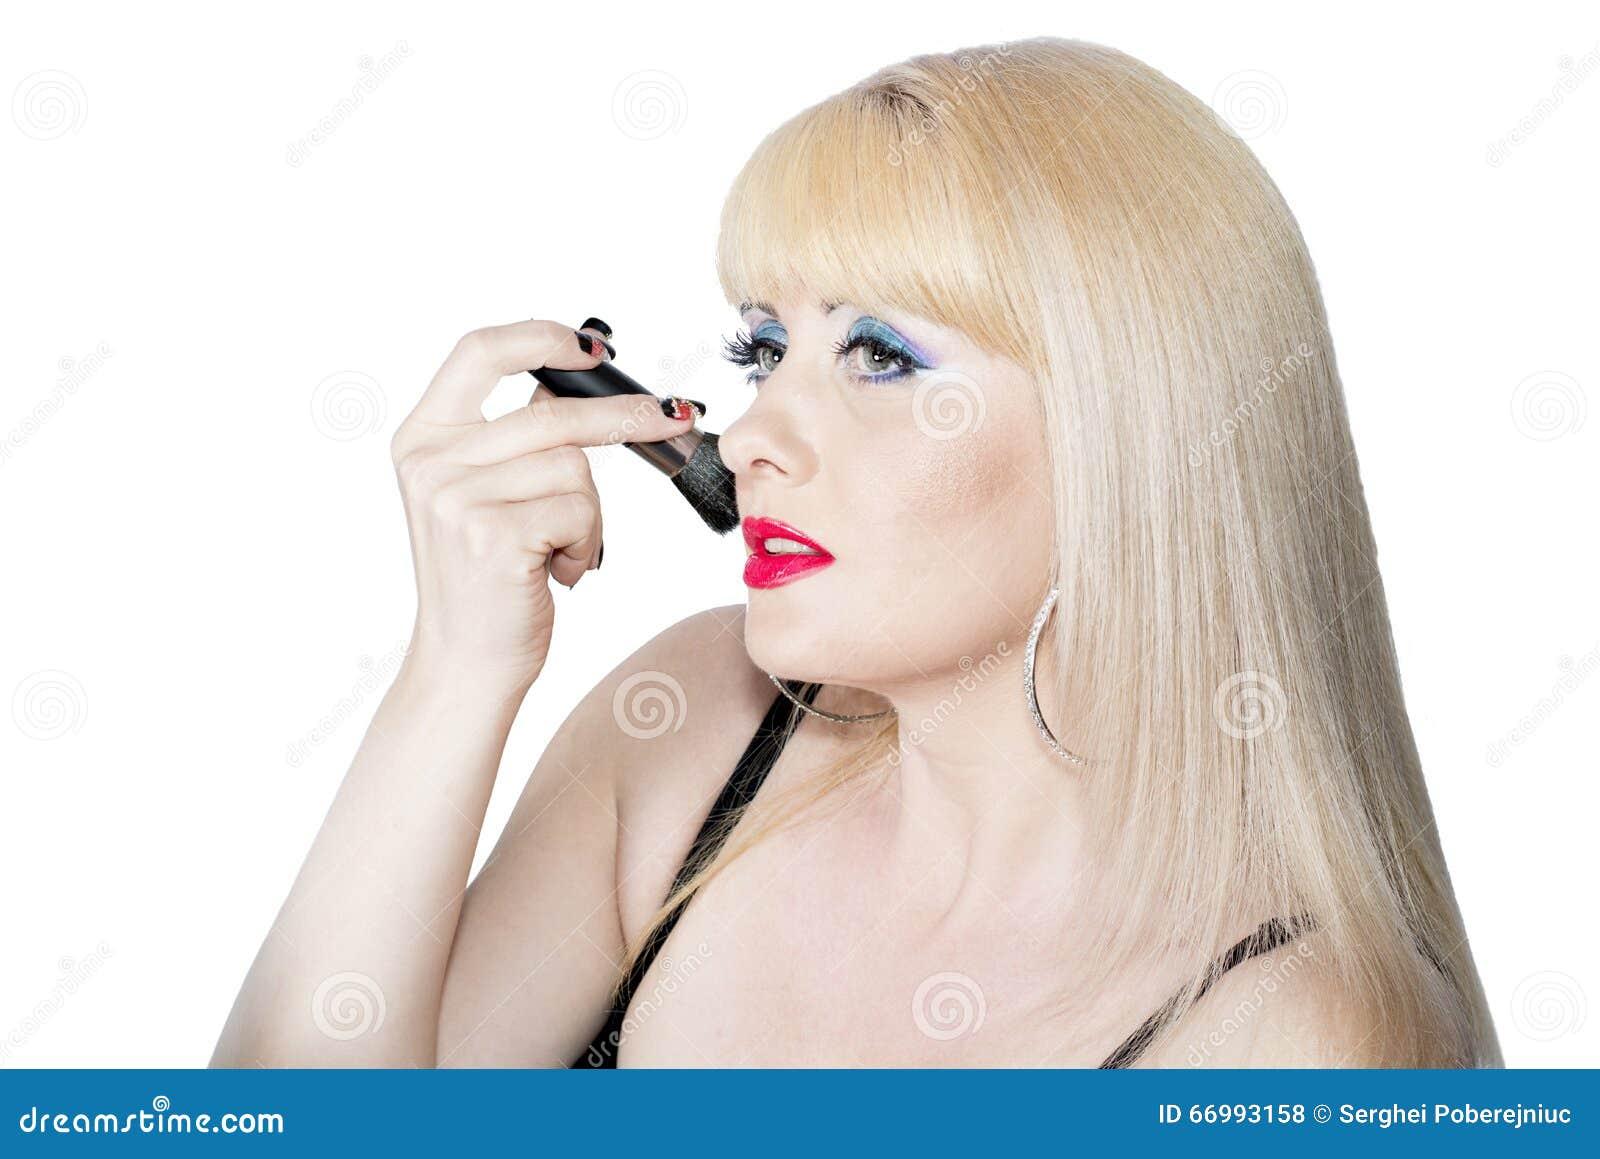 美丽的妇女在面孔上把刷子放构成